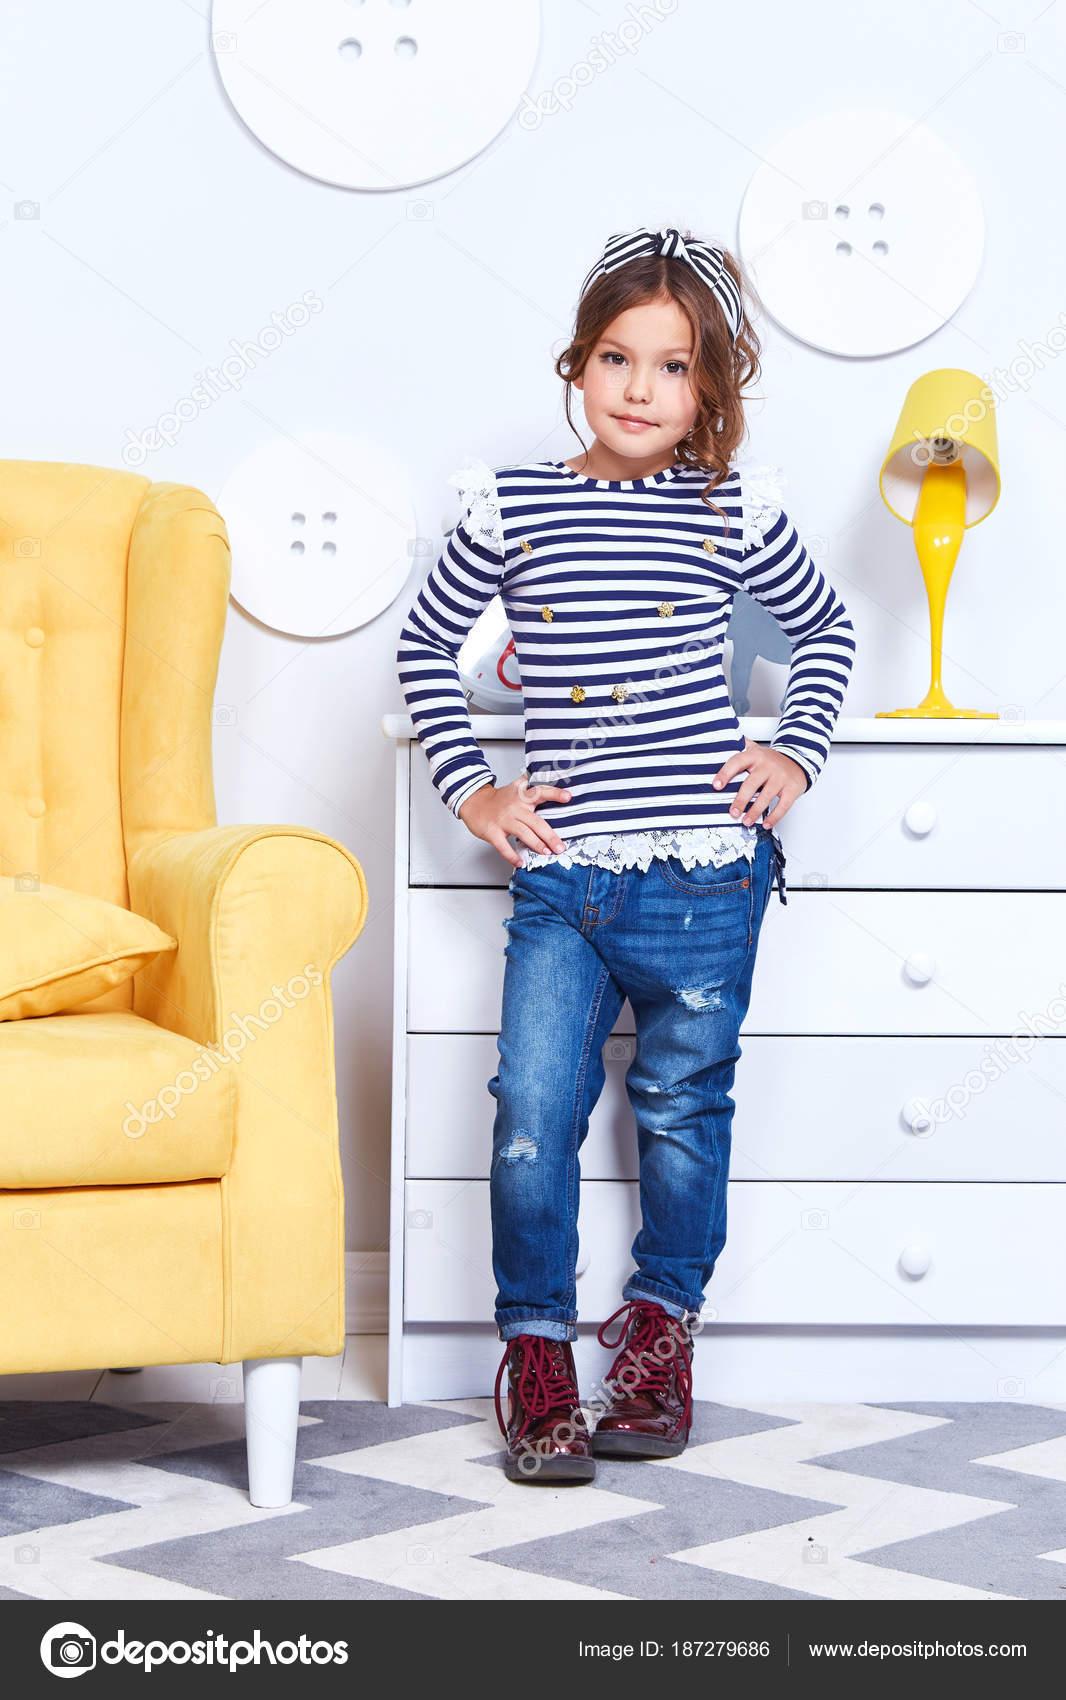 Mode Stil Kleidung für Kinder kleine Mädchen tragen Streifen t-s ...